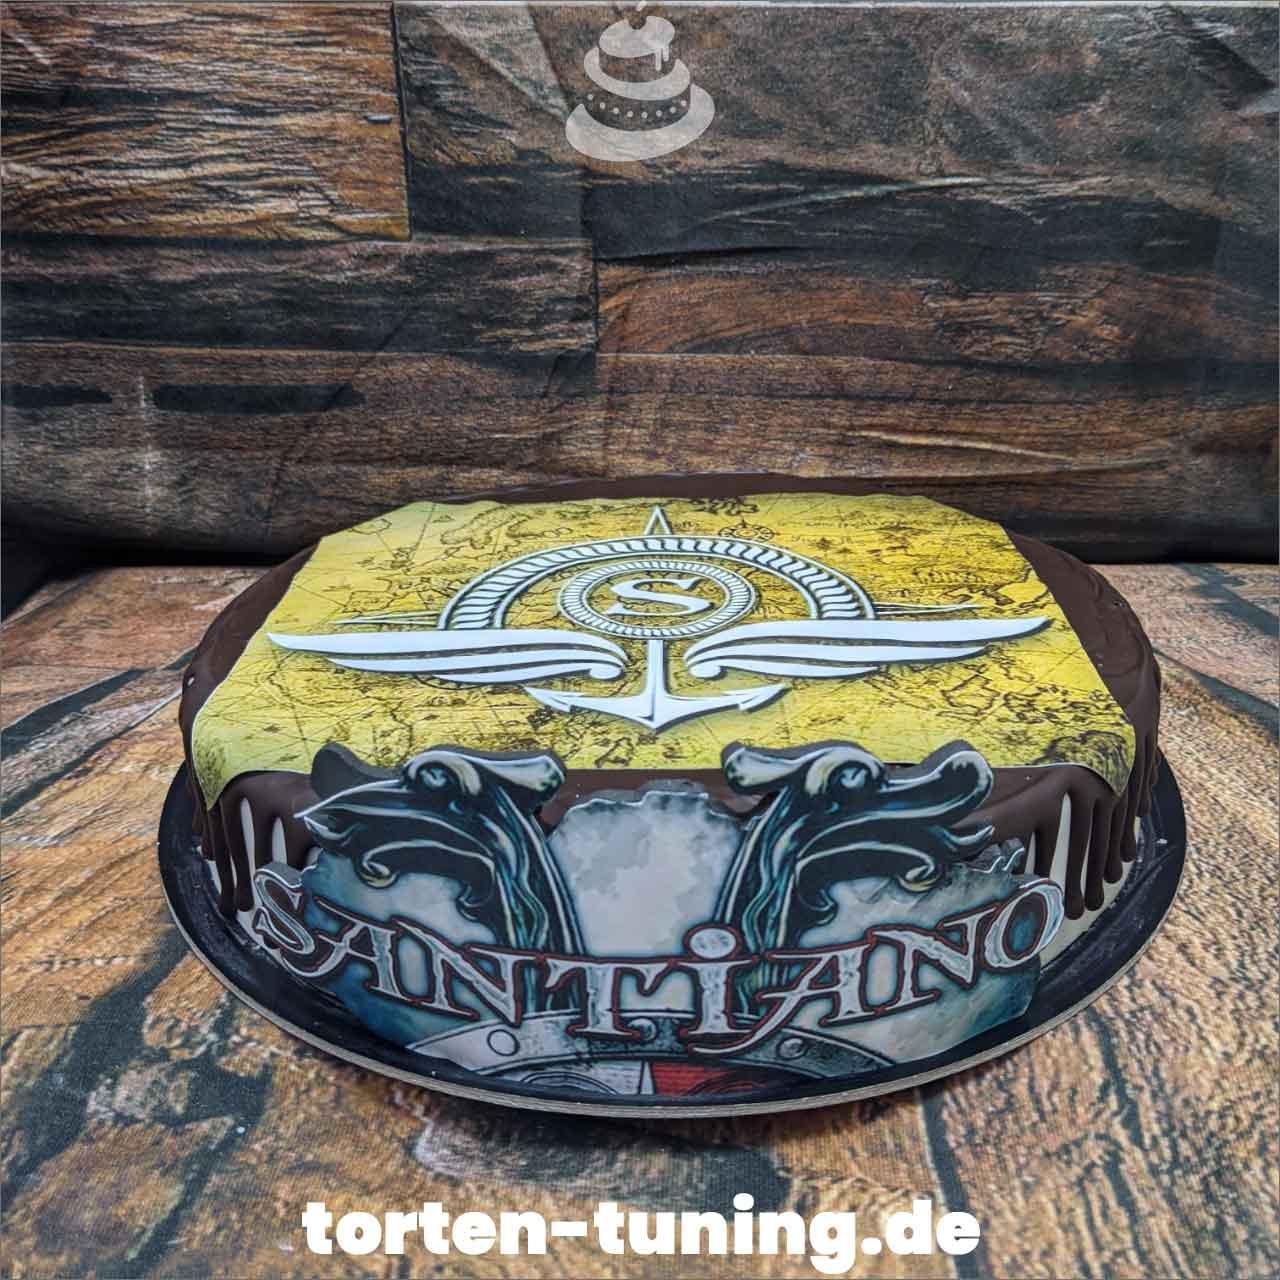 Santiano Fototorte Obsttorte Geburtstagstorte Motivtorte Torte Tortendekoration Torte online bestellen Suhl Thüringen Torten Tuning Sahnetorte Tortenfiguren Cake Topper